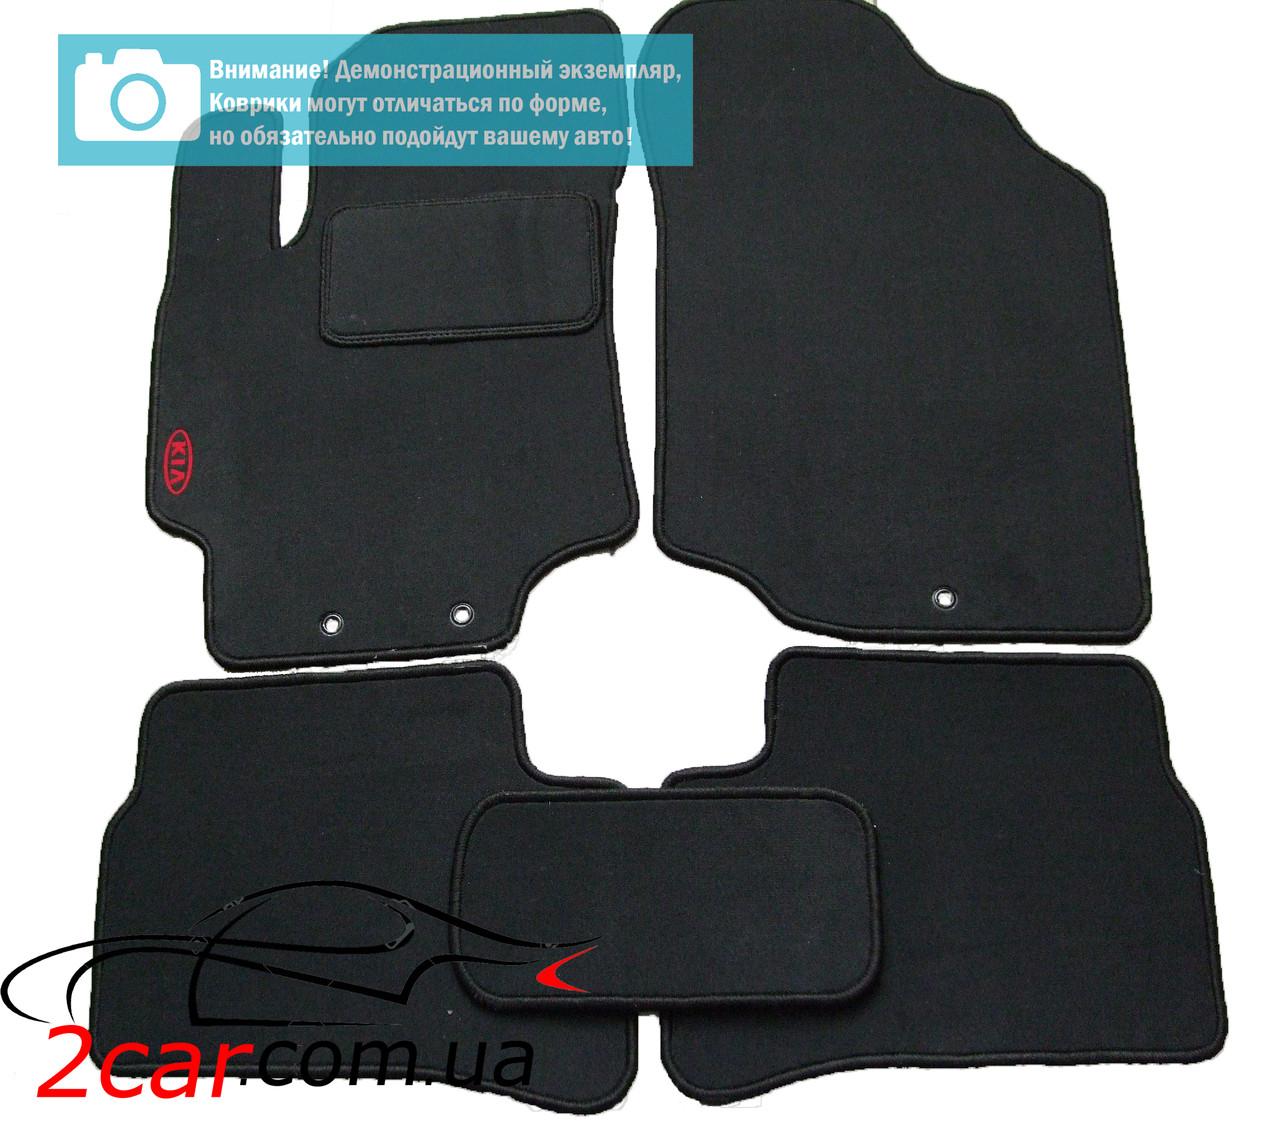 Текстильные коврики в салон для Volkswagen Polo (Sedan) (2011-) (чёрный) (StingrayUA)